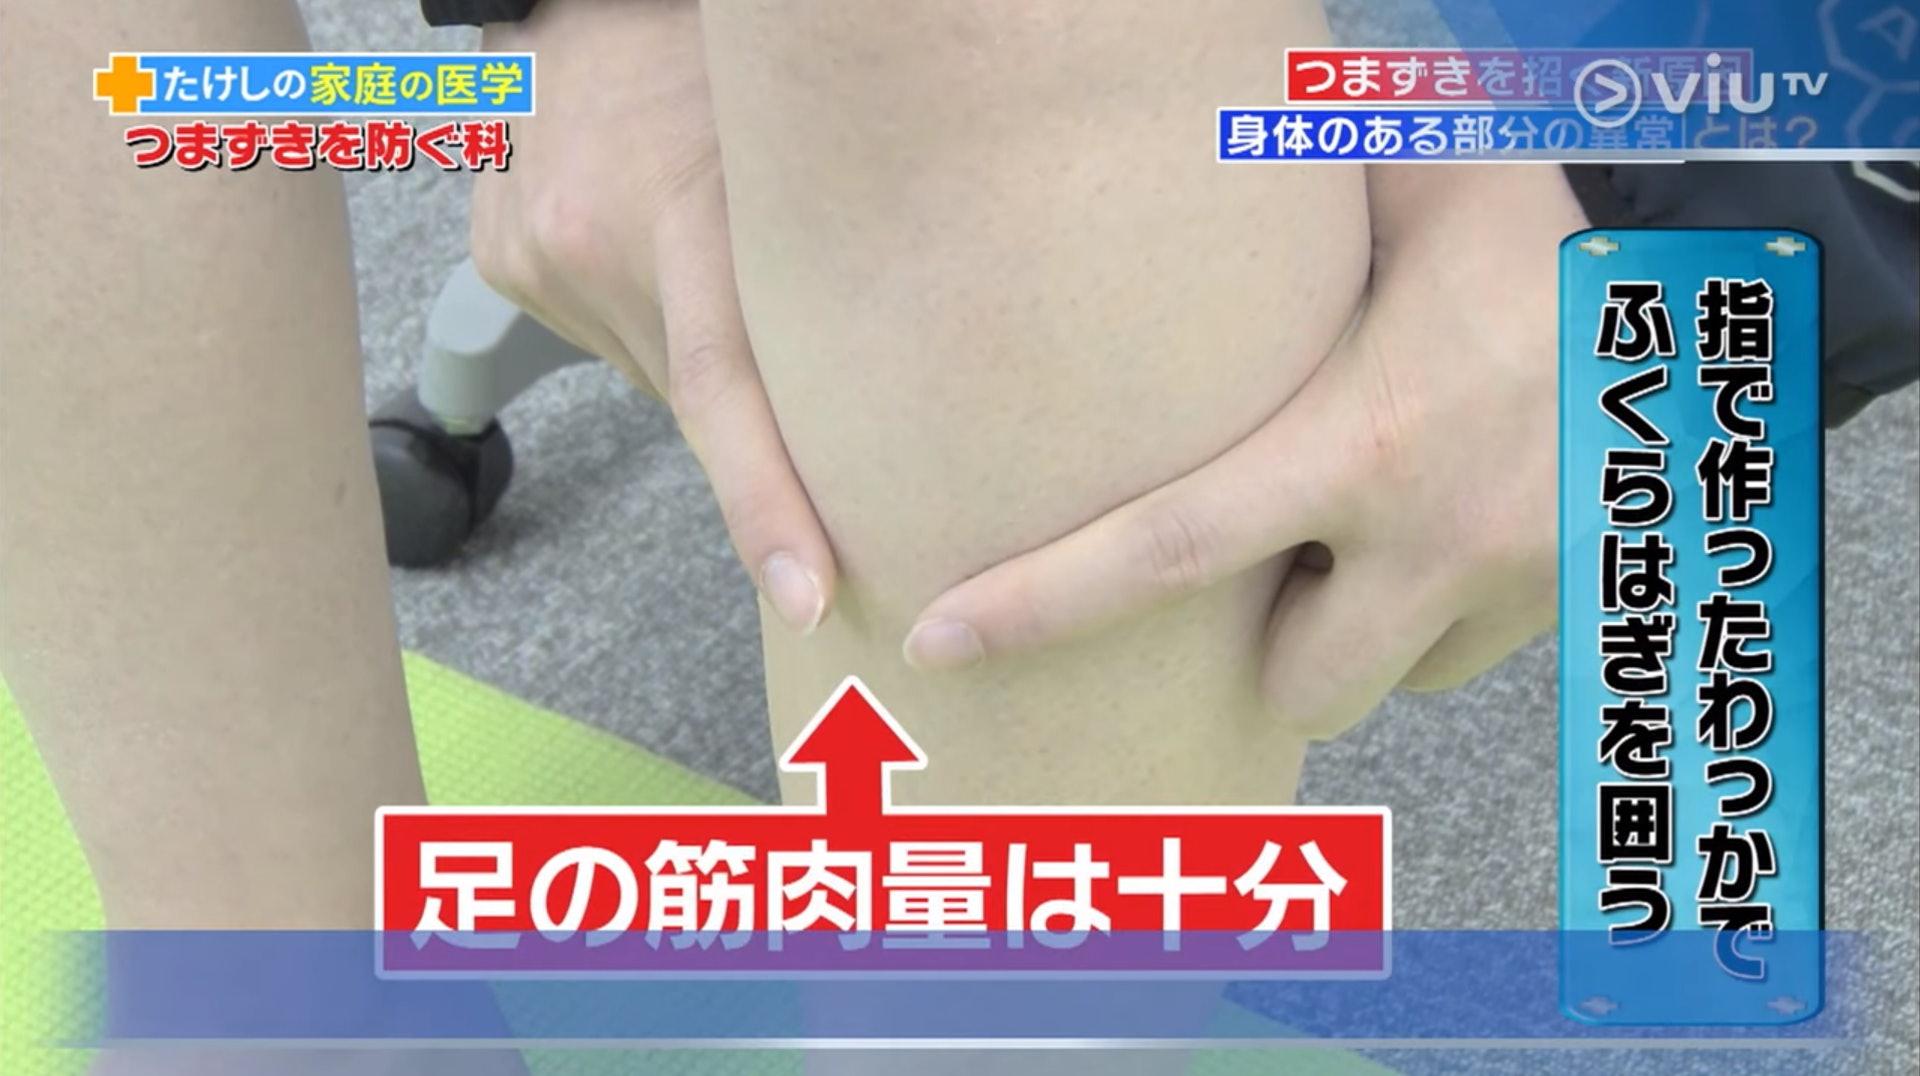 如果雙手圍得住小腿,就代表腳部肌肉量不足!(viu TV《恐怖醫學》電視截圖)